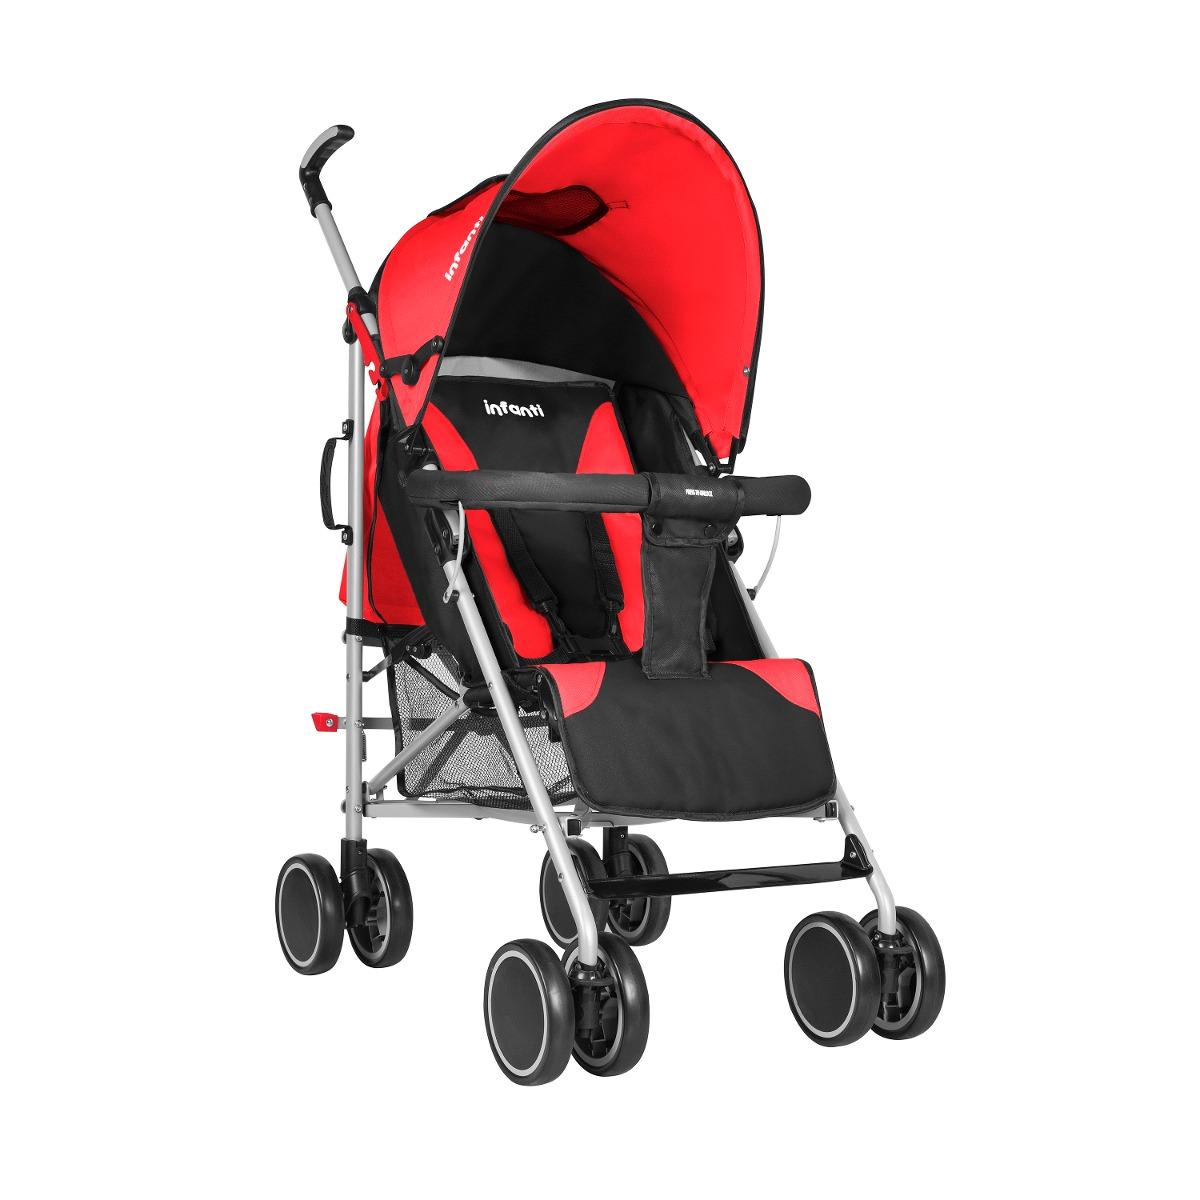 Paraguitas bebe infanti de 0 a 4 a os reclinado liviano for Silla para coche nino 4 anos